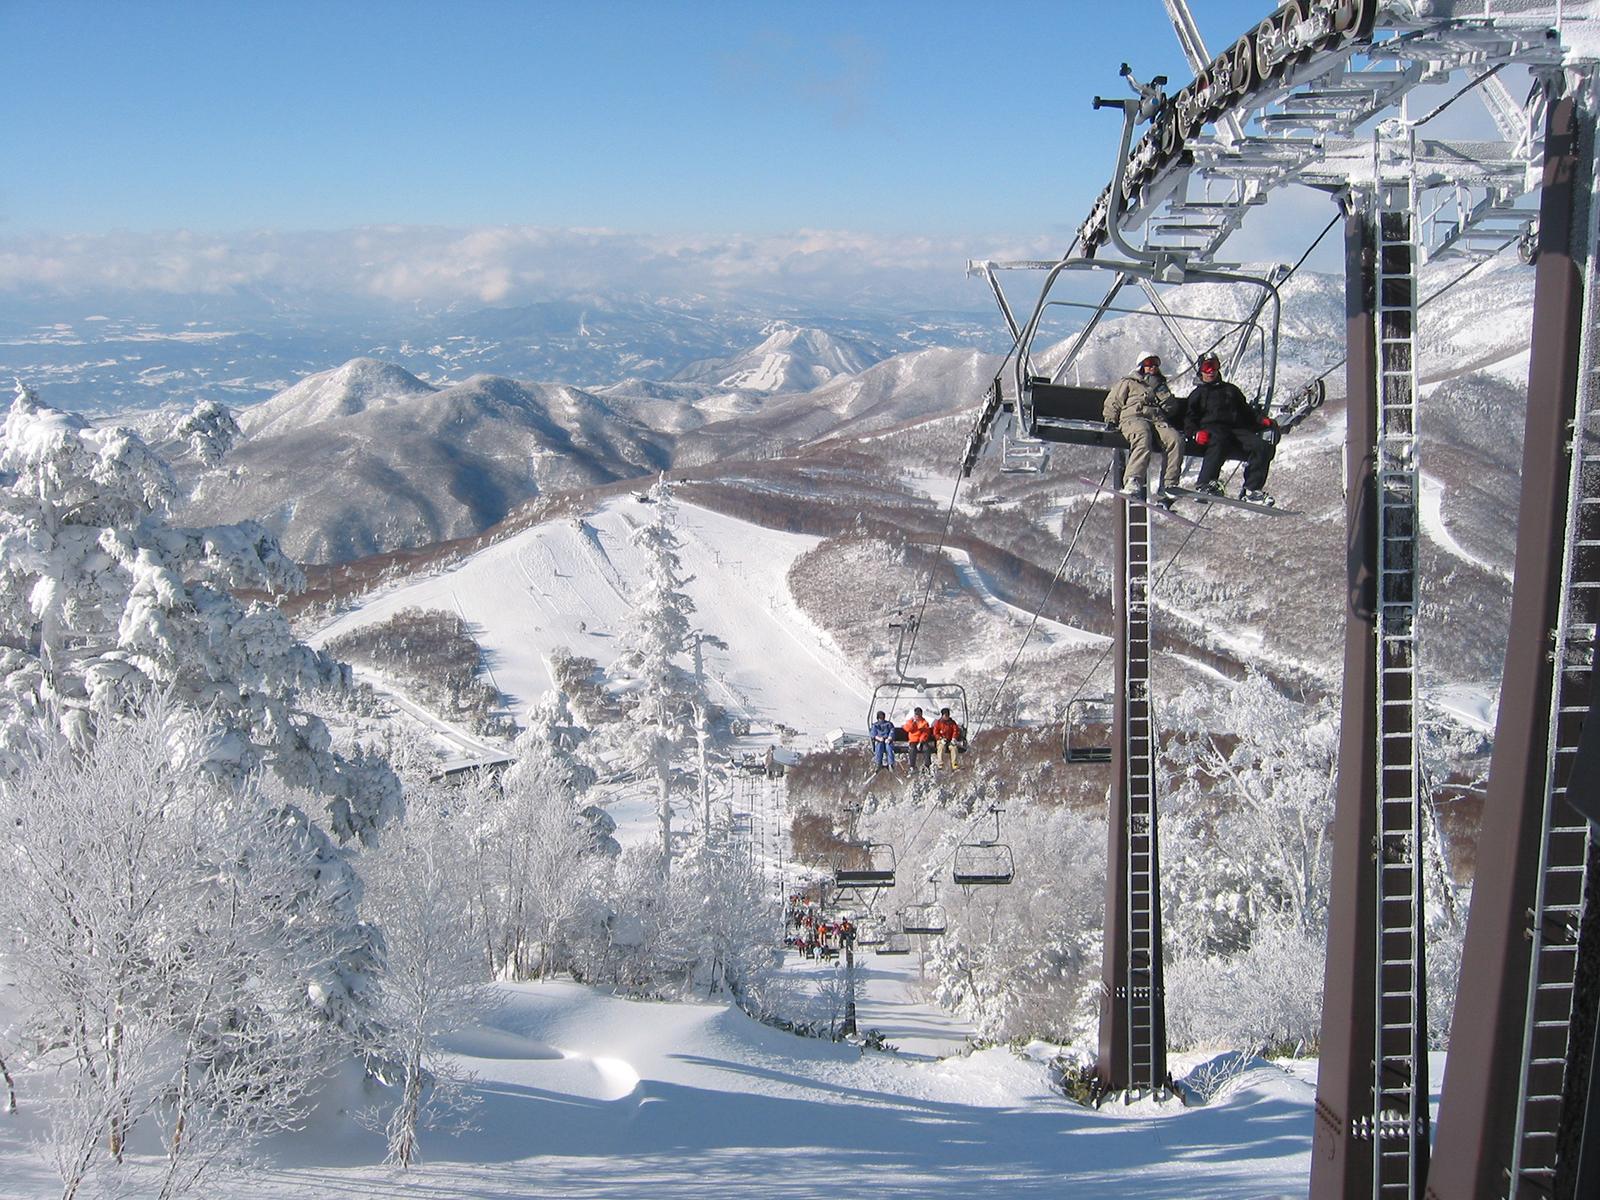 志賀高原スキー場のおすすめゲレンデ15を解説!リフトや初心者コースなど